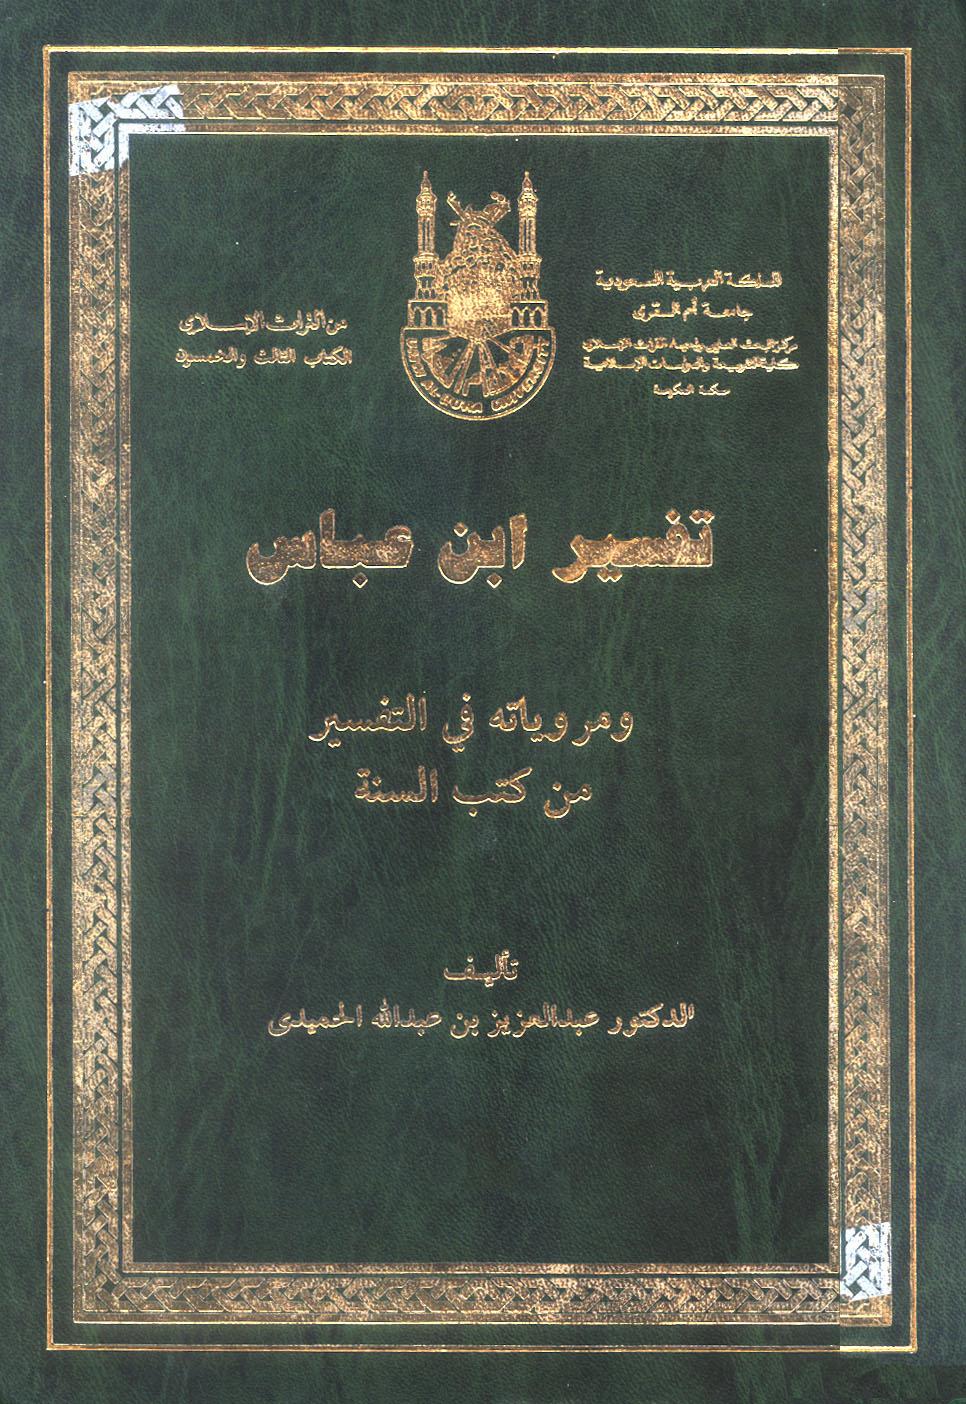 تحميل كتاب تفسير ابن عباس ومروياته في التفسير من كتب السنة لـِ: الدكتور عبد العزيز بن عبد الله الحميدي